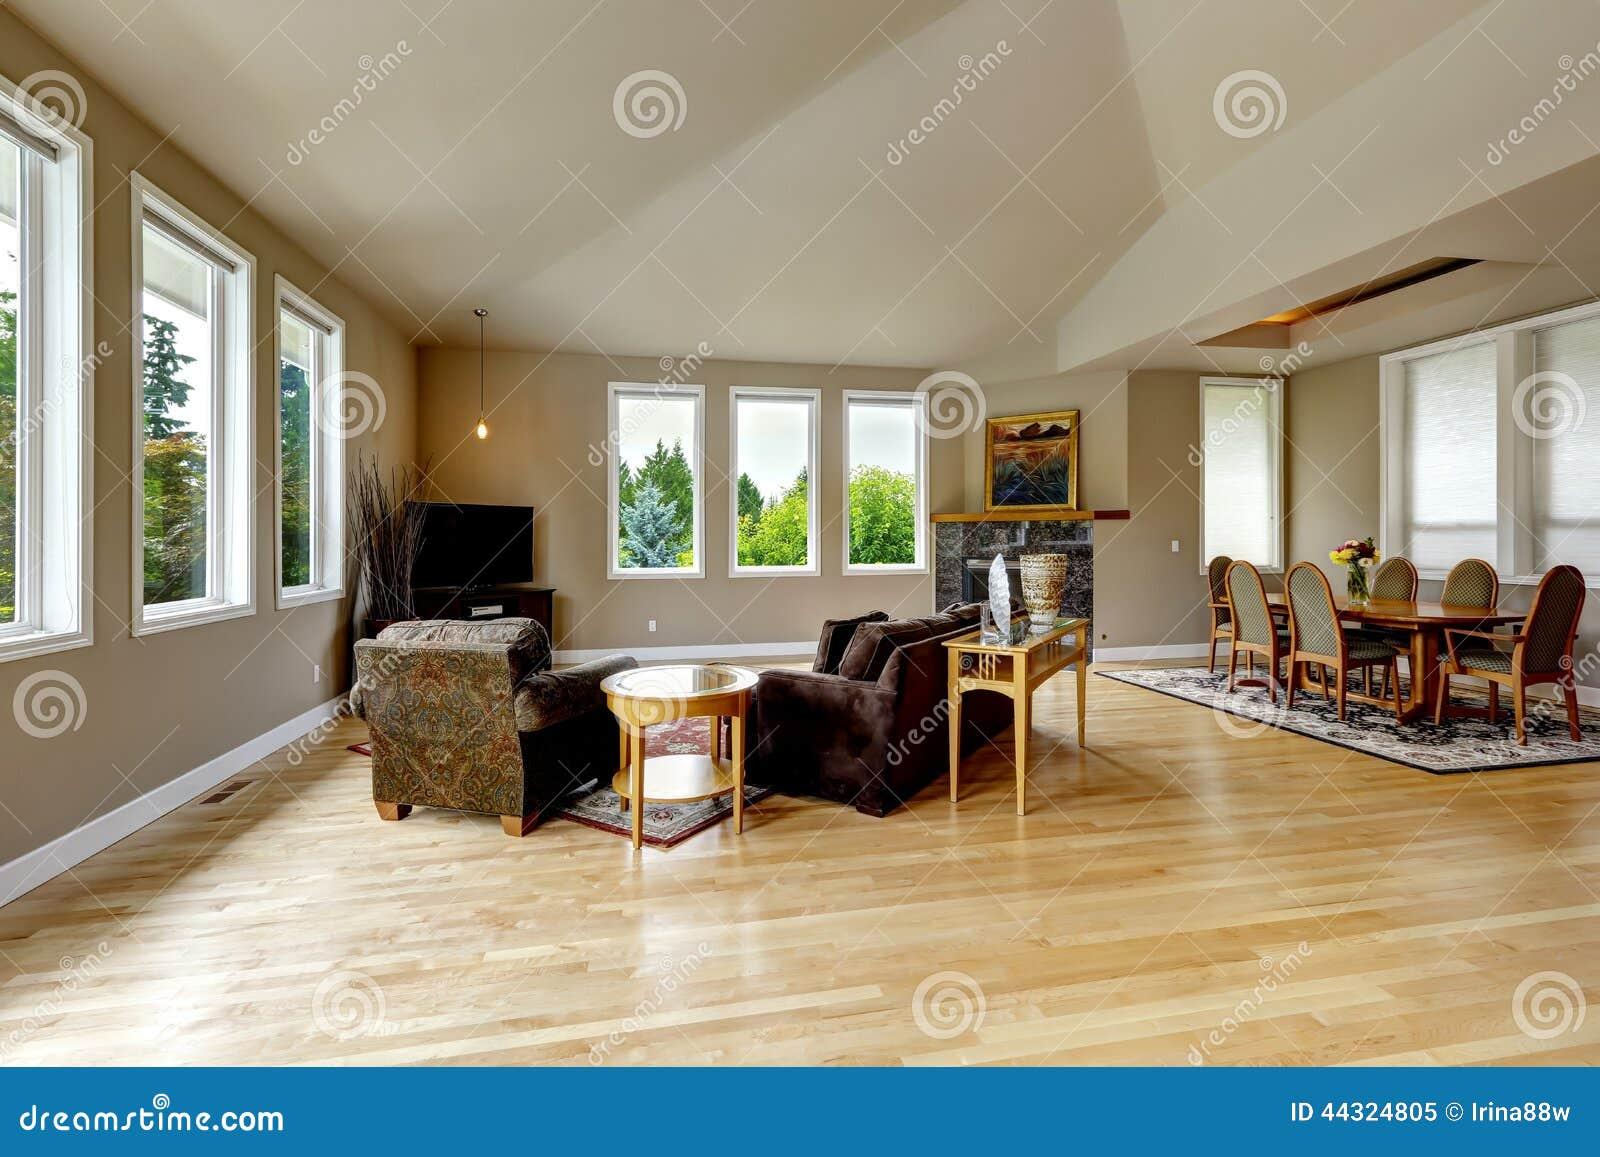 sala de estar con comedor elegante imagen de archivo